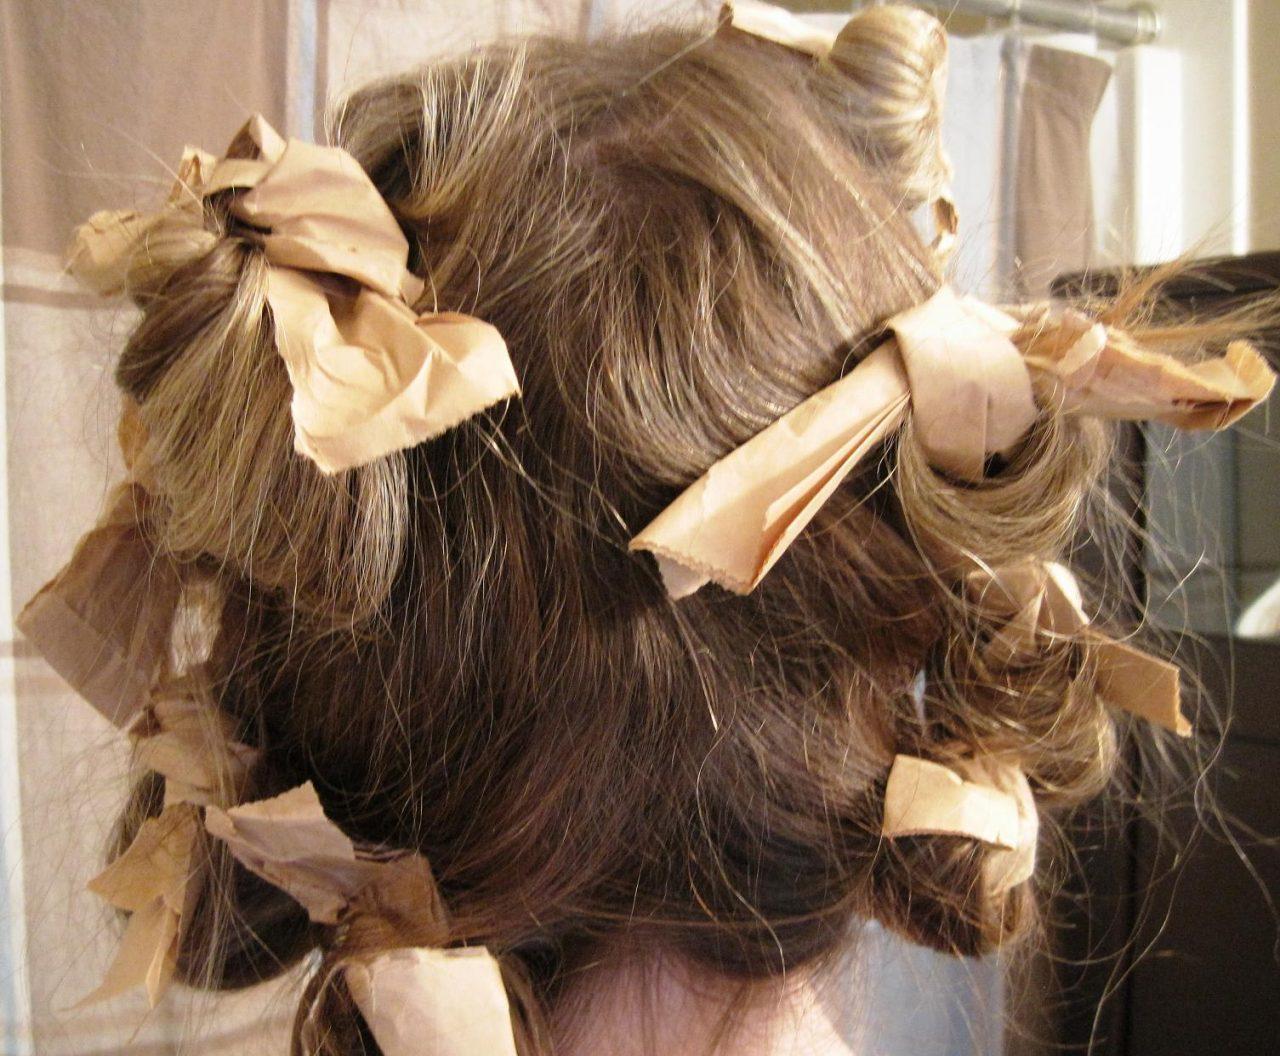 Волосы накрученные на тряпочки фото пошагово